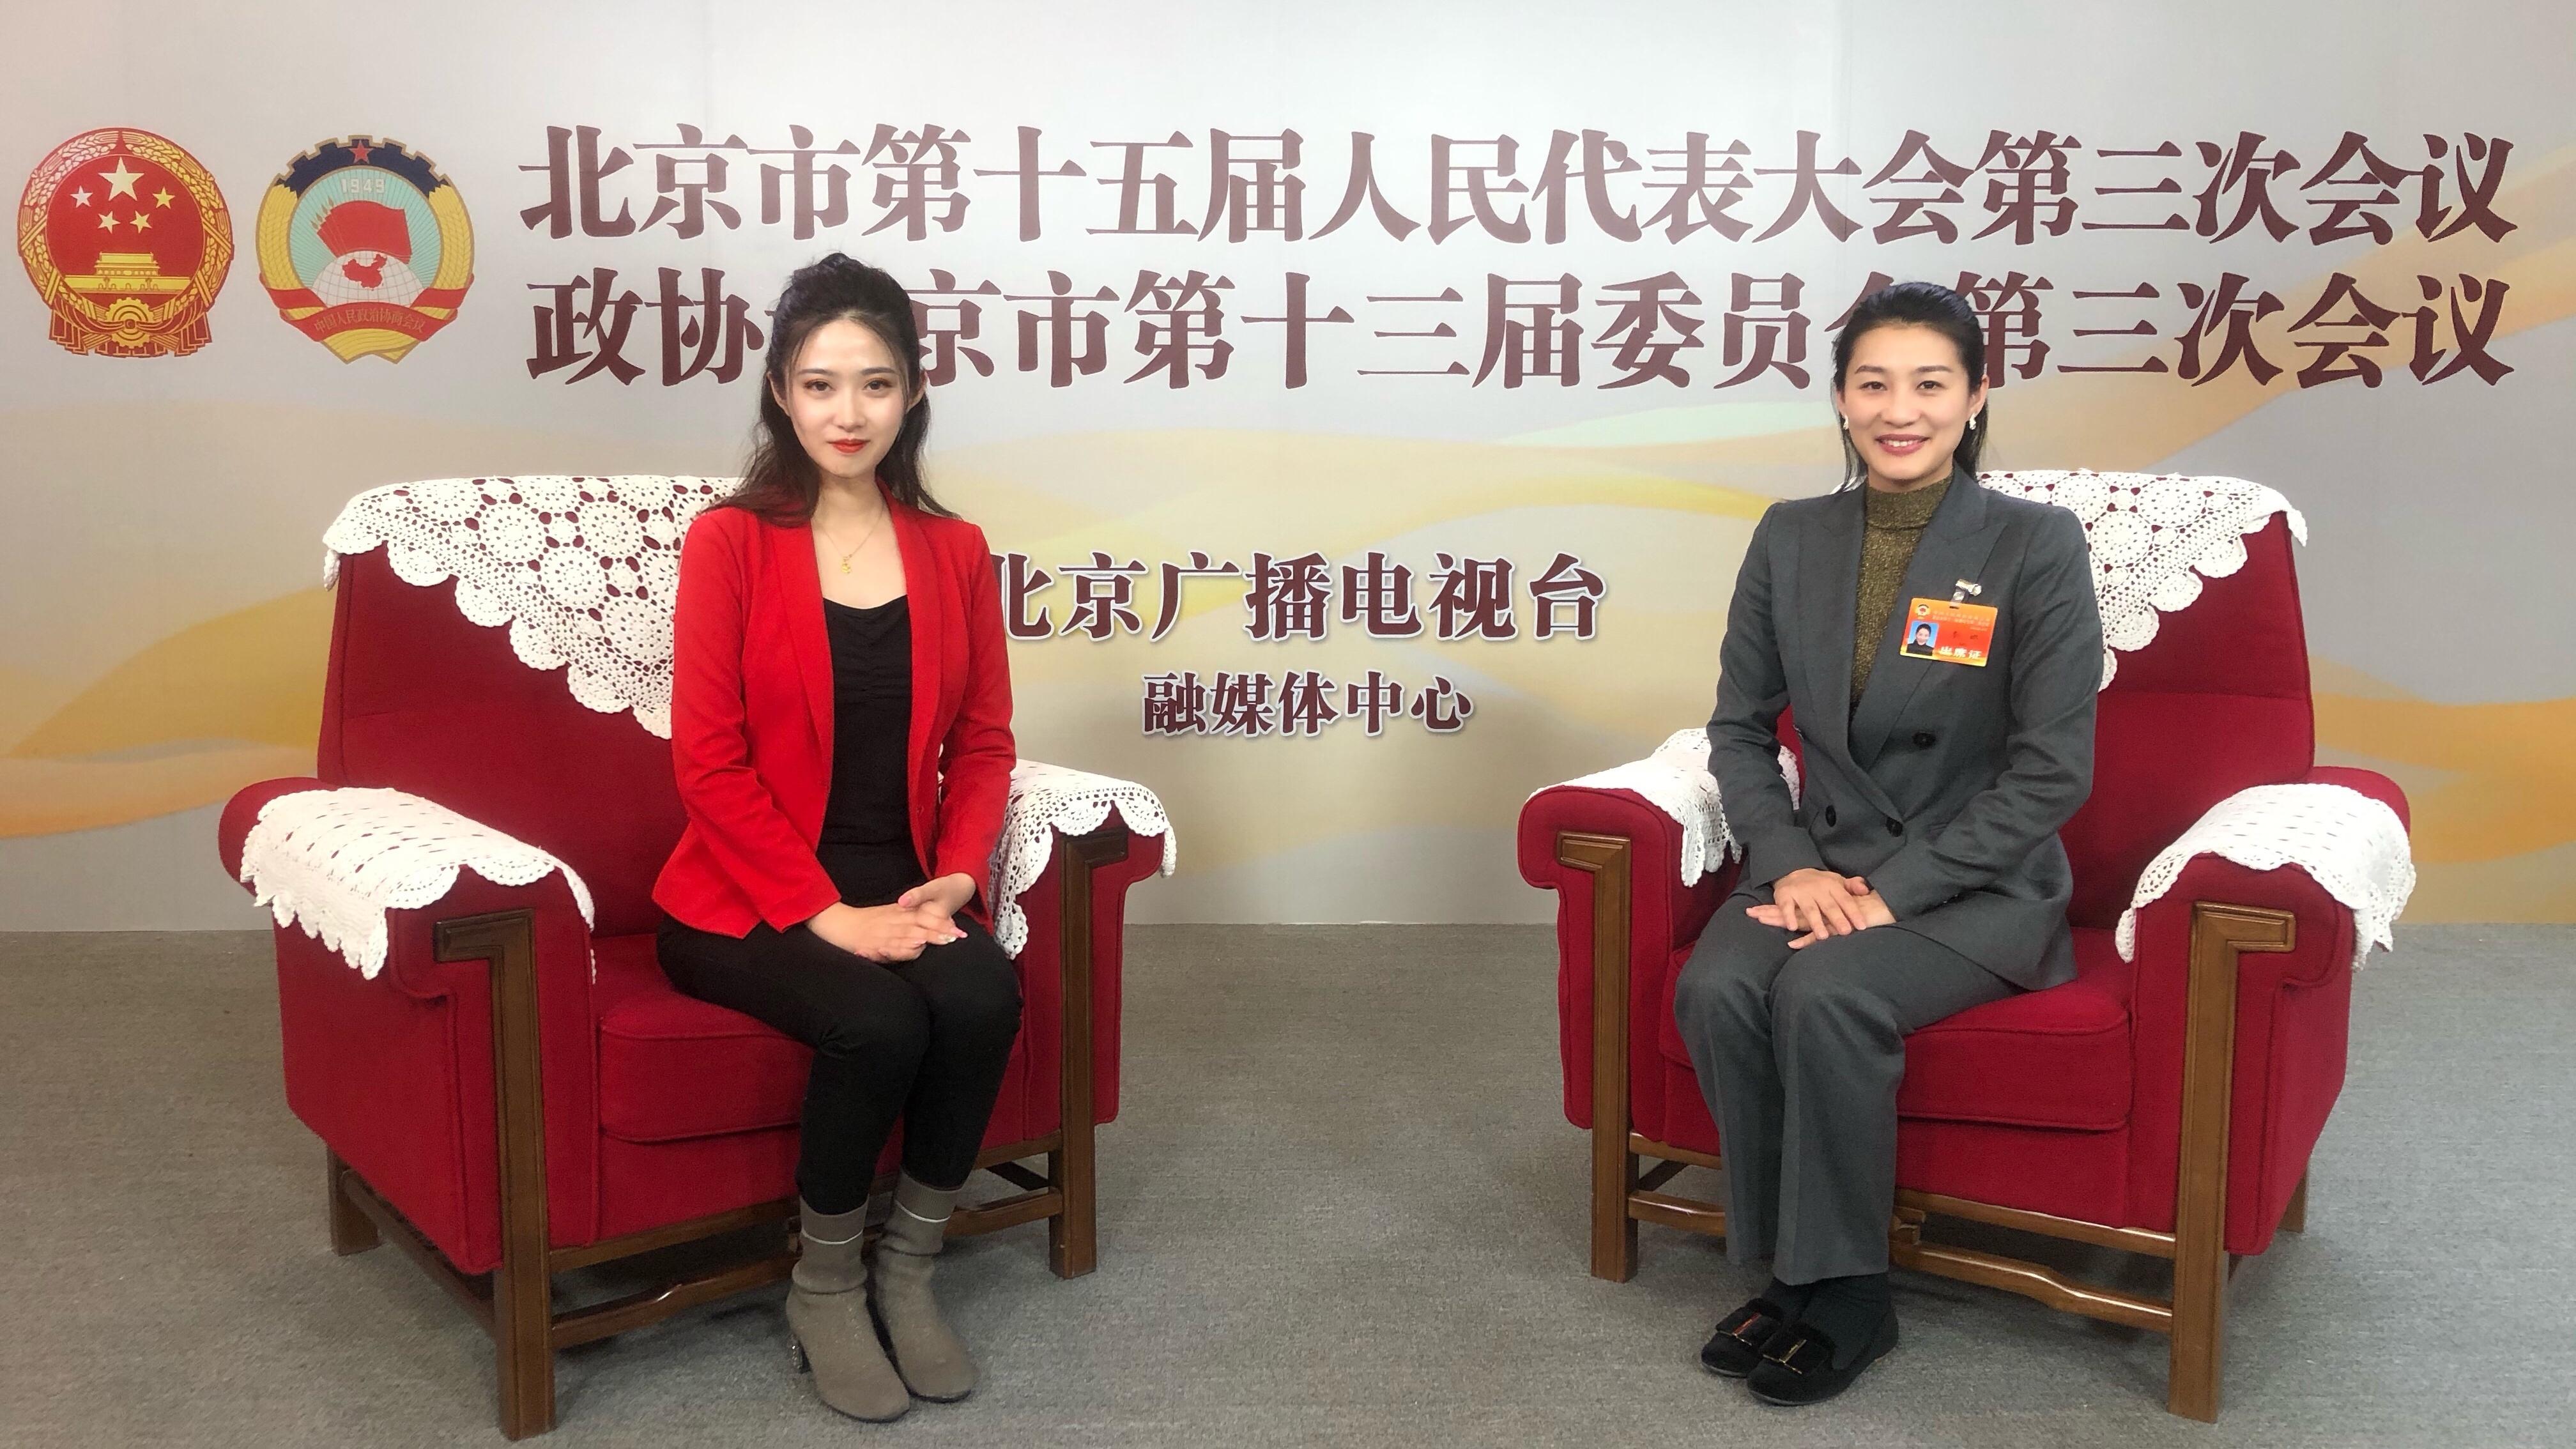 北京市政协委员李娜:冠军精神引领思政课建设